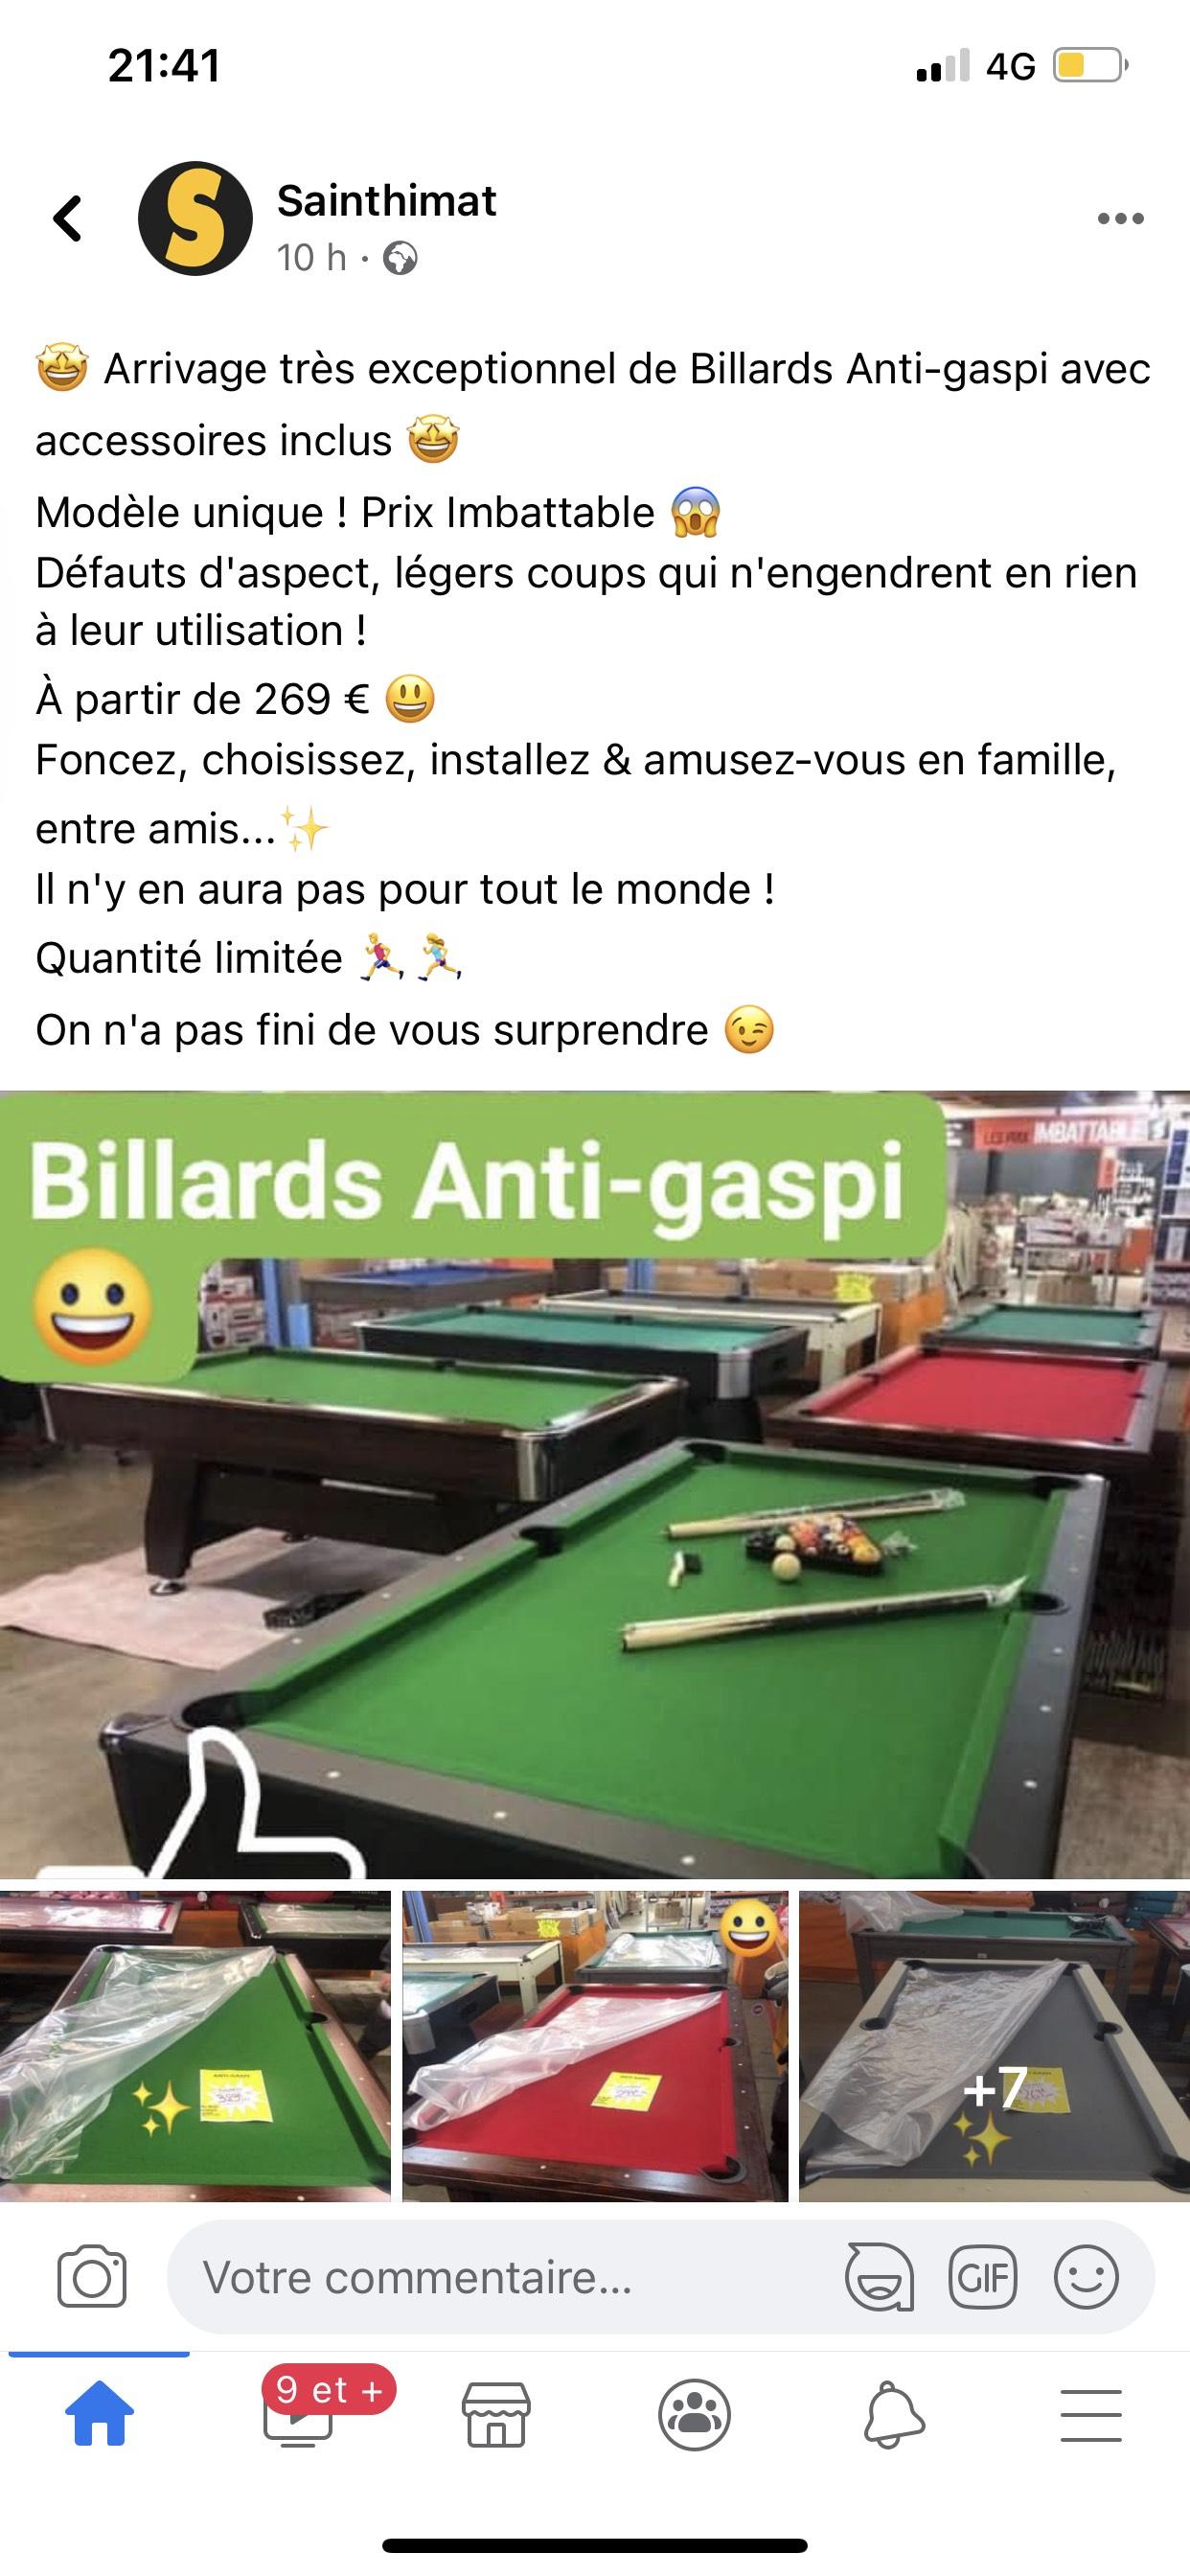 Sélection de billards avec défaut/chocs minime en promotion -- Sainthimat Caudry (59)